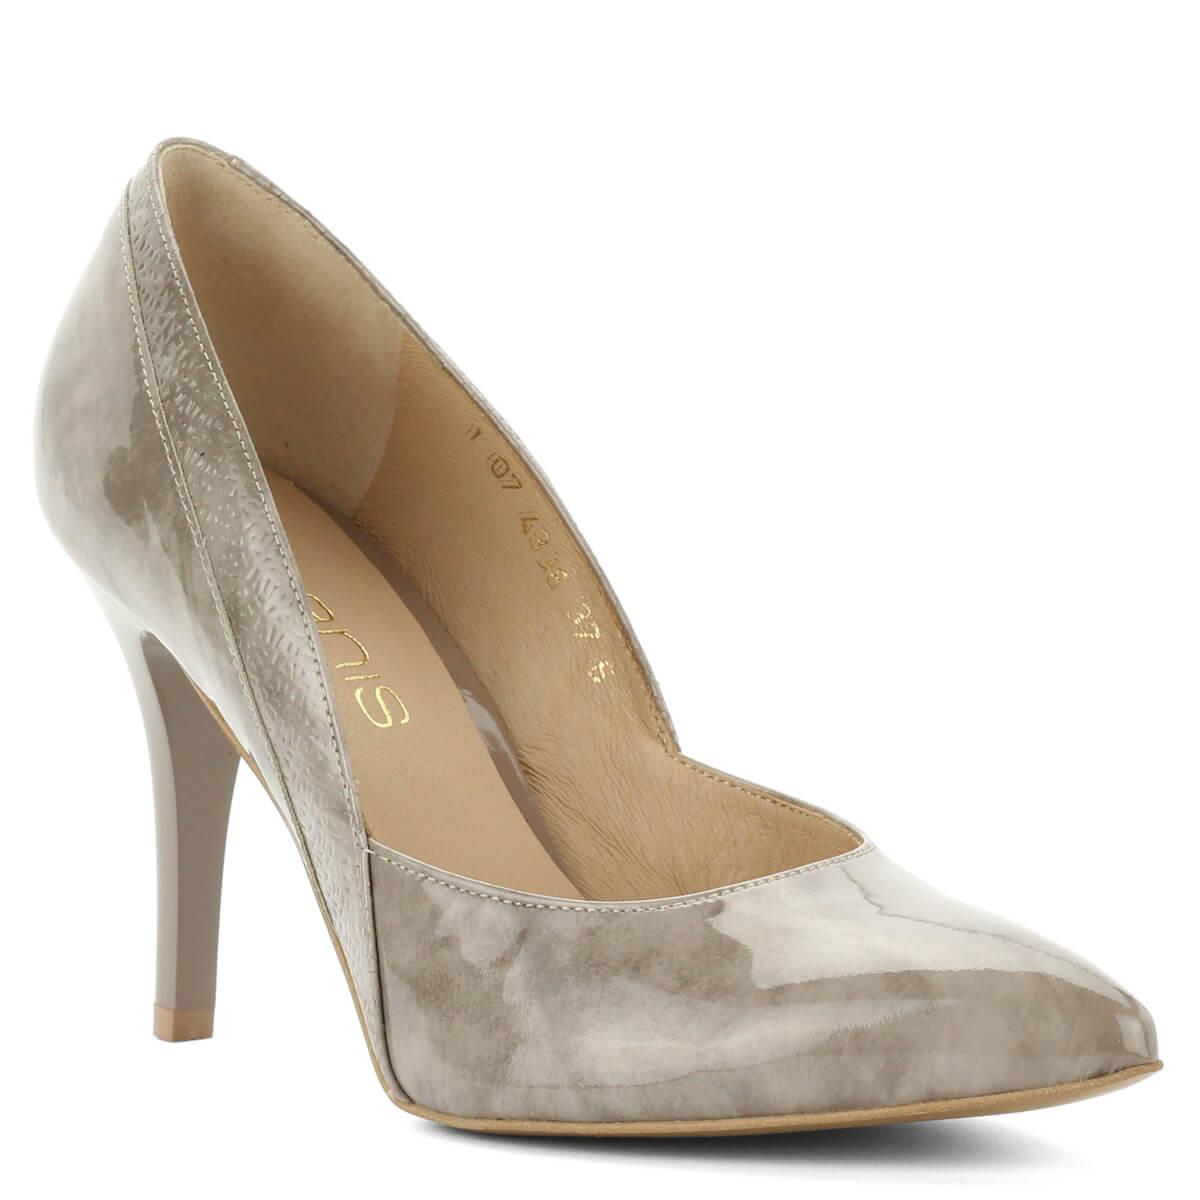 Bézs Anis magas sarkú lakk cipő. Különleges márványos hatású bőrből  készült 5461bfb30b